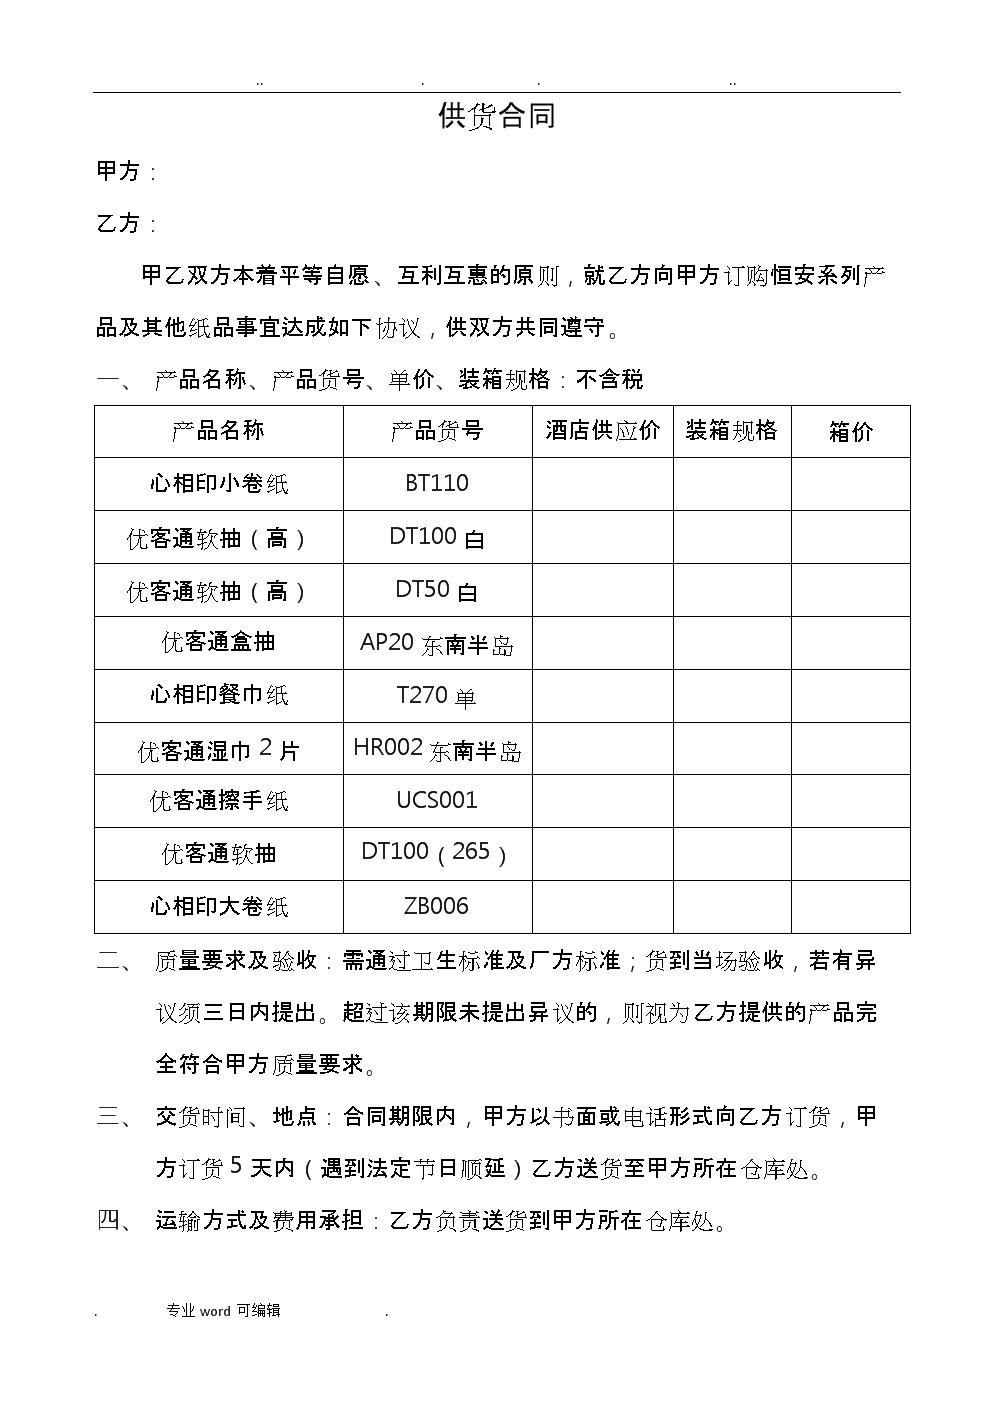 纸品供货合同范本.doc